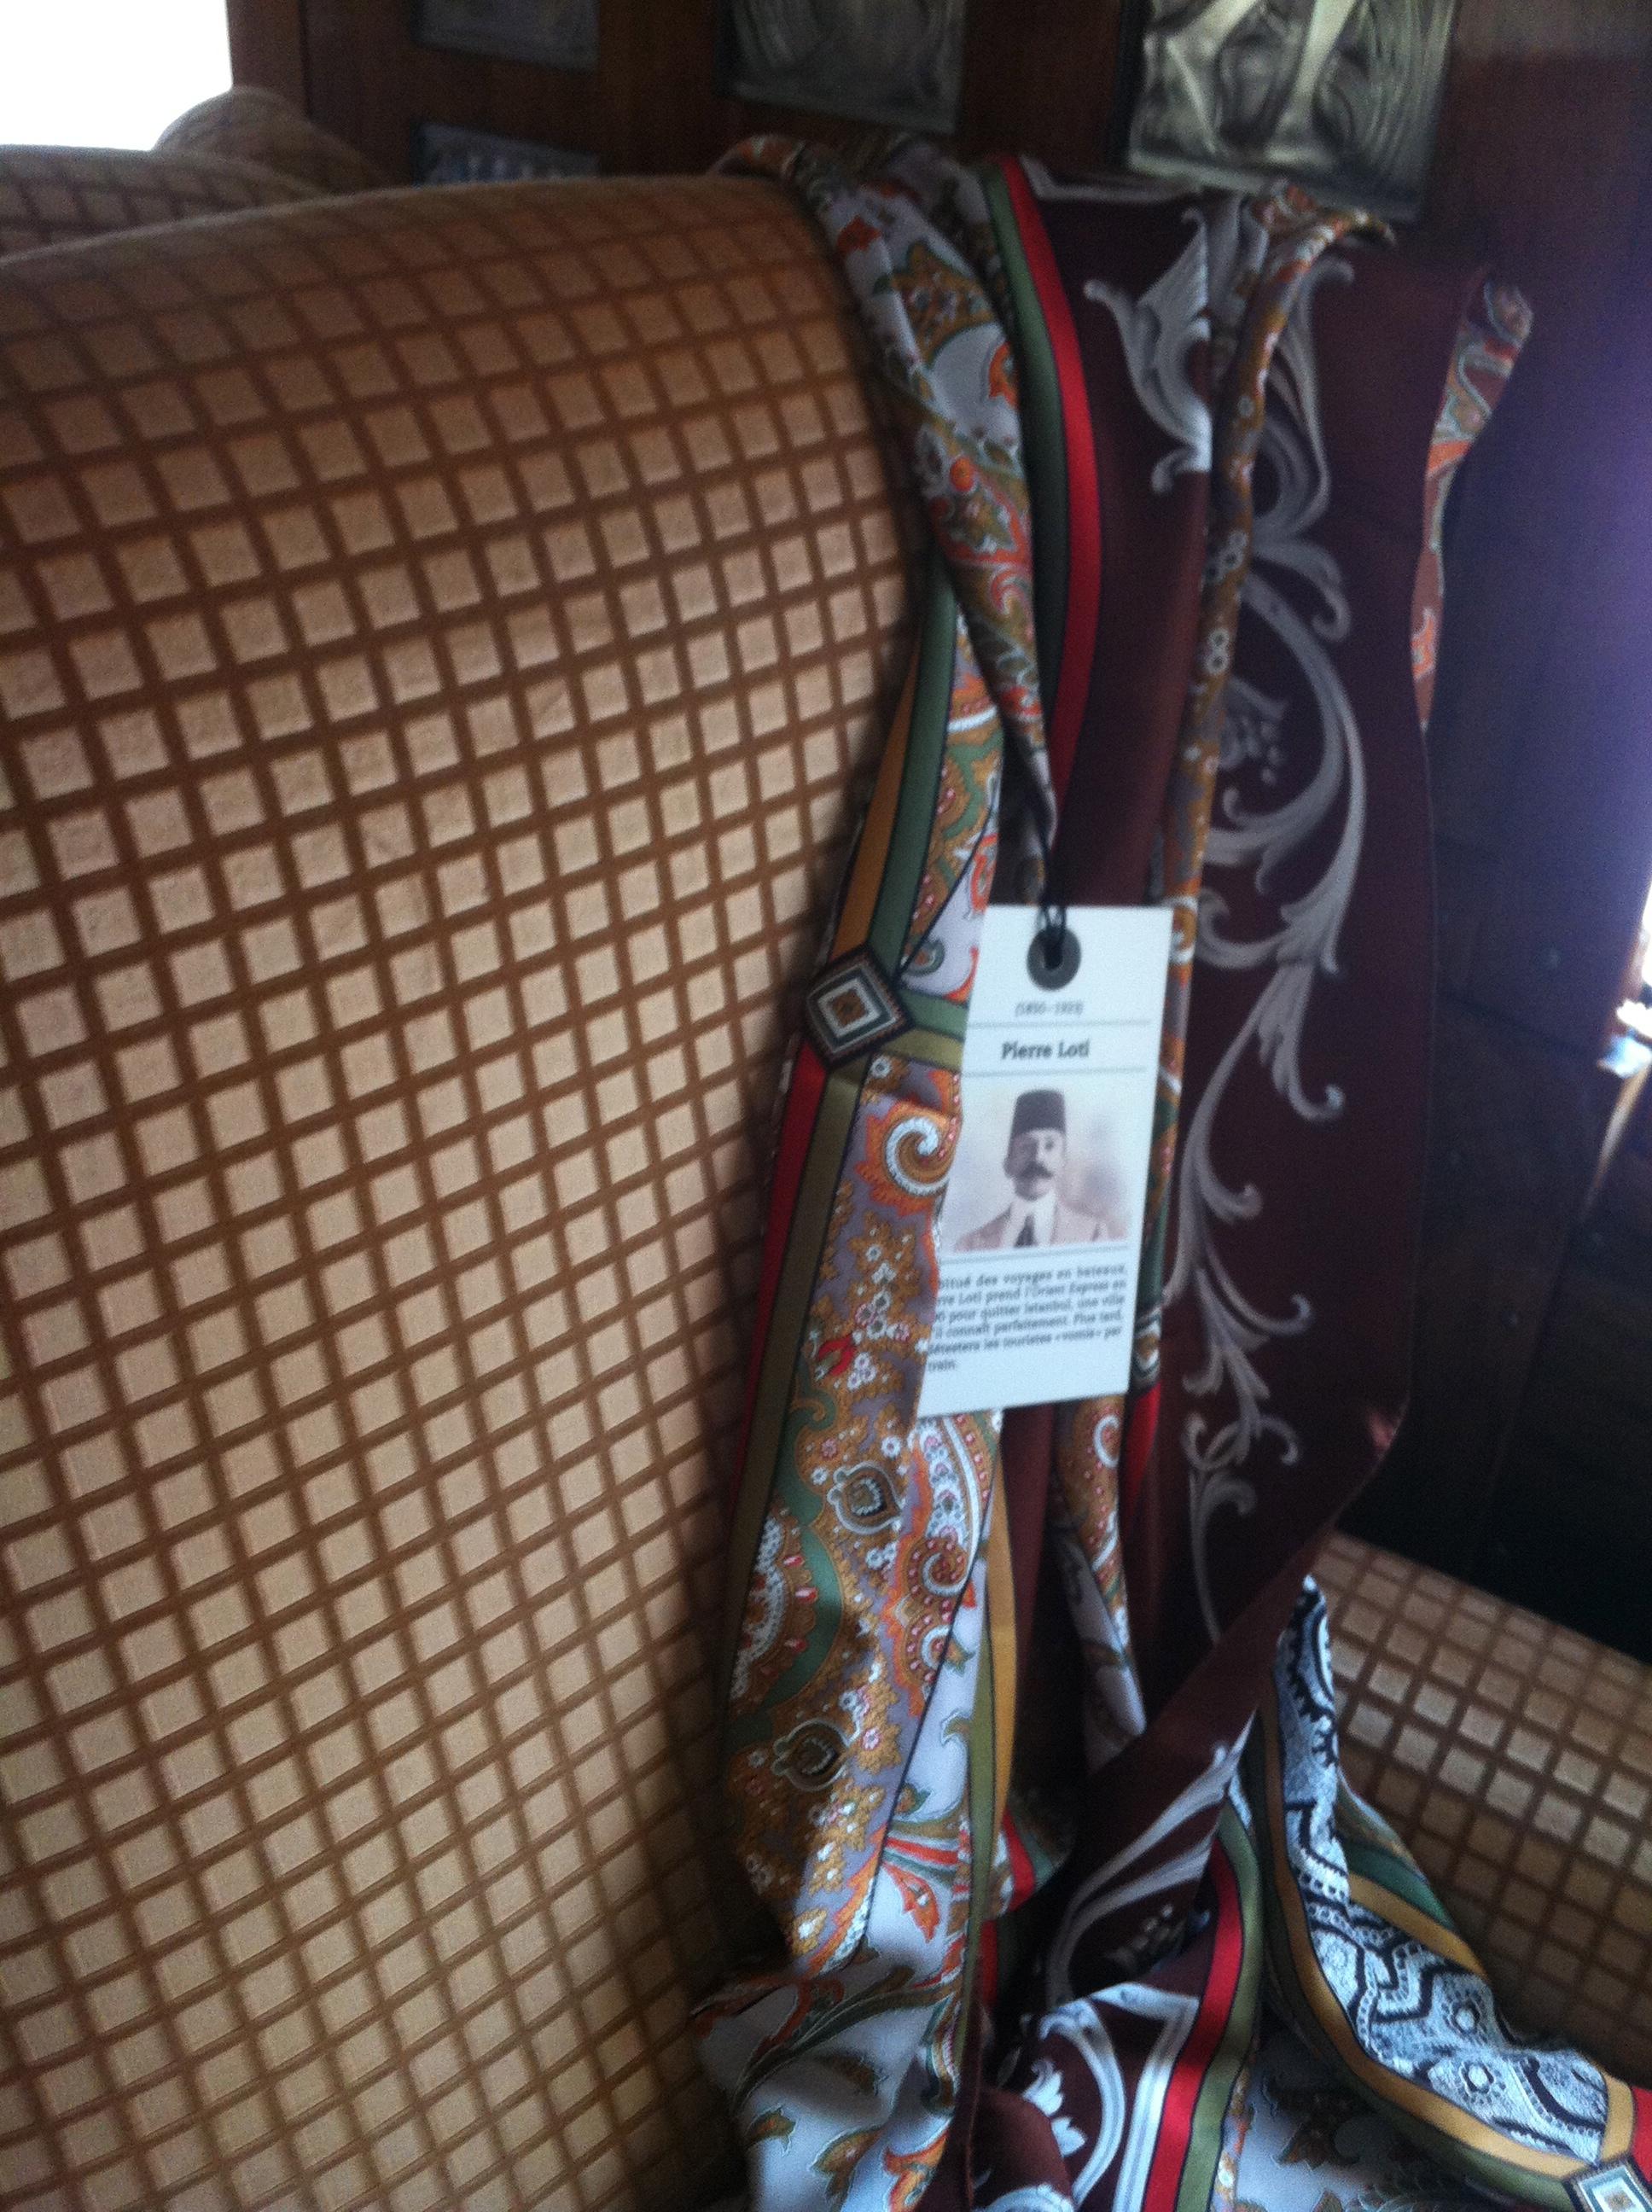 Sur quelques sièges, le nom de passagers célèbres ainsi qu'un accessoire rappelant le visiteur à leur bon souvenir.